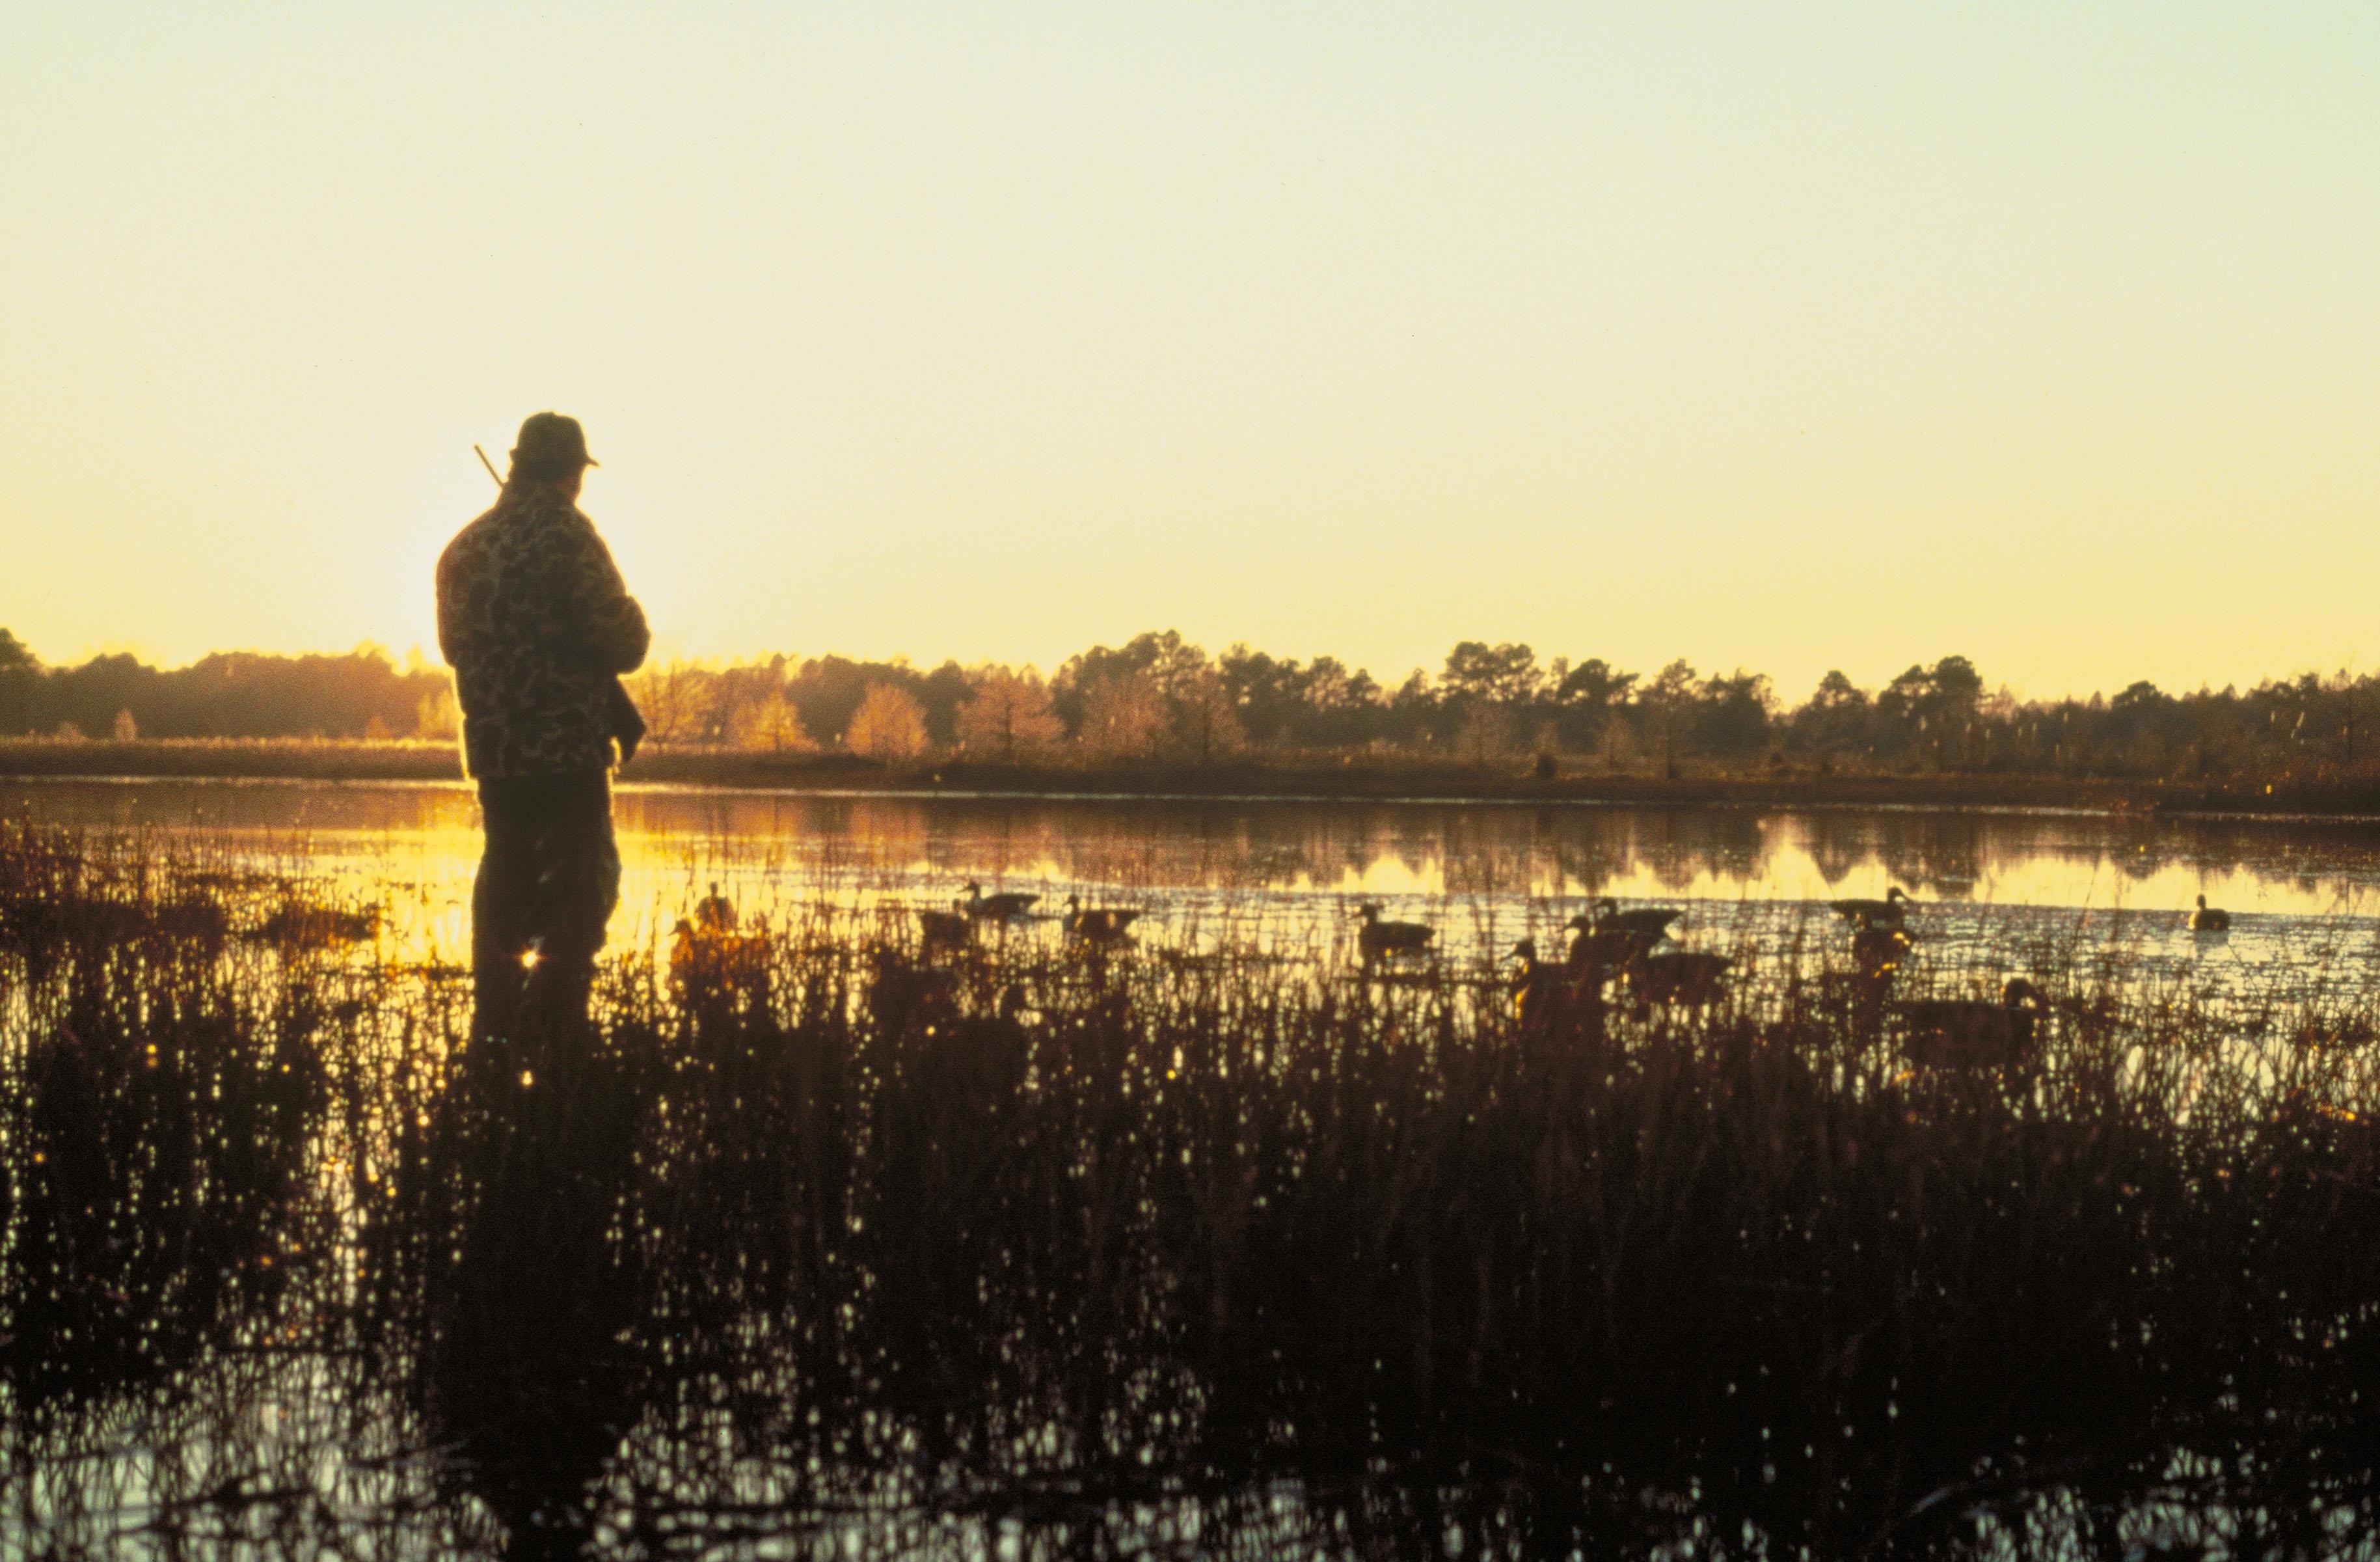 Lov na slikama i videu - Page 14 Hunting_at_sunset